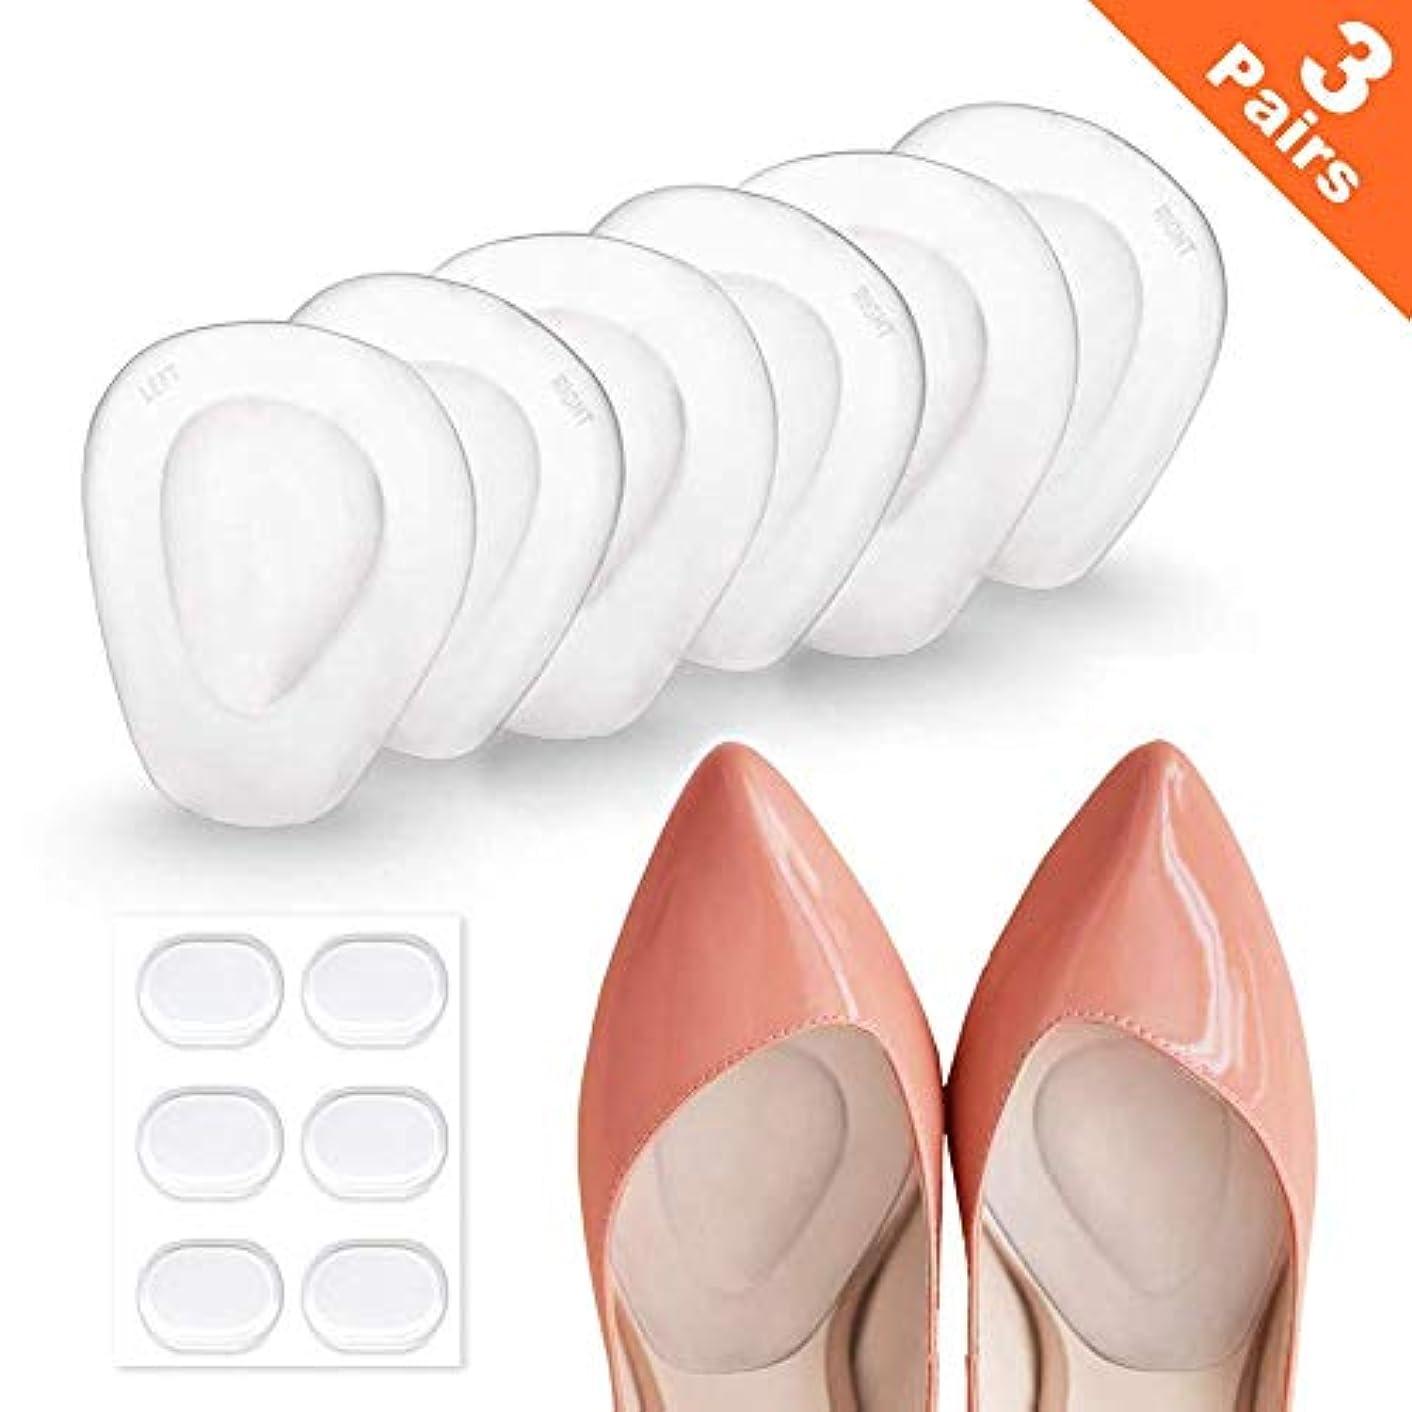 ソーセージ操作不一致女性用中足パッド(3ペア中足パッド)-フットクッションの再利用可能なソフトジェルボール終日痛みを緩和し、靴のフィットを修正